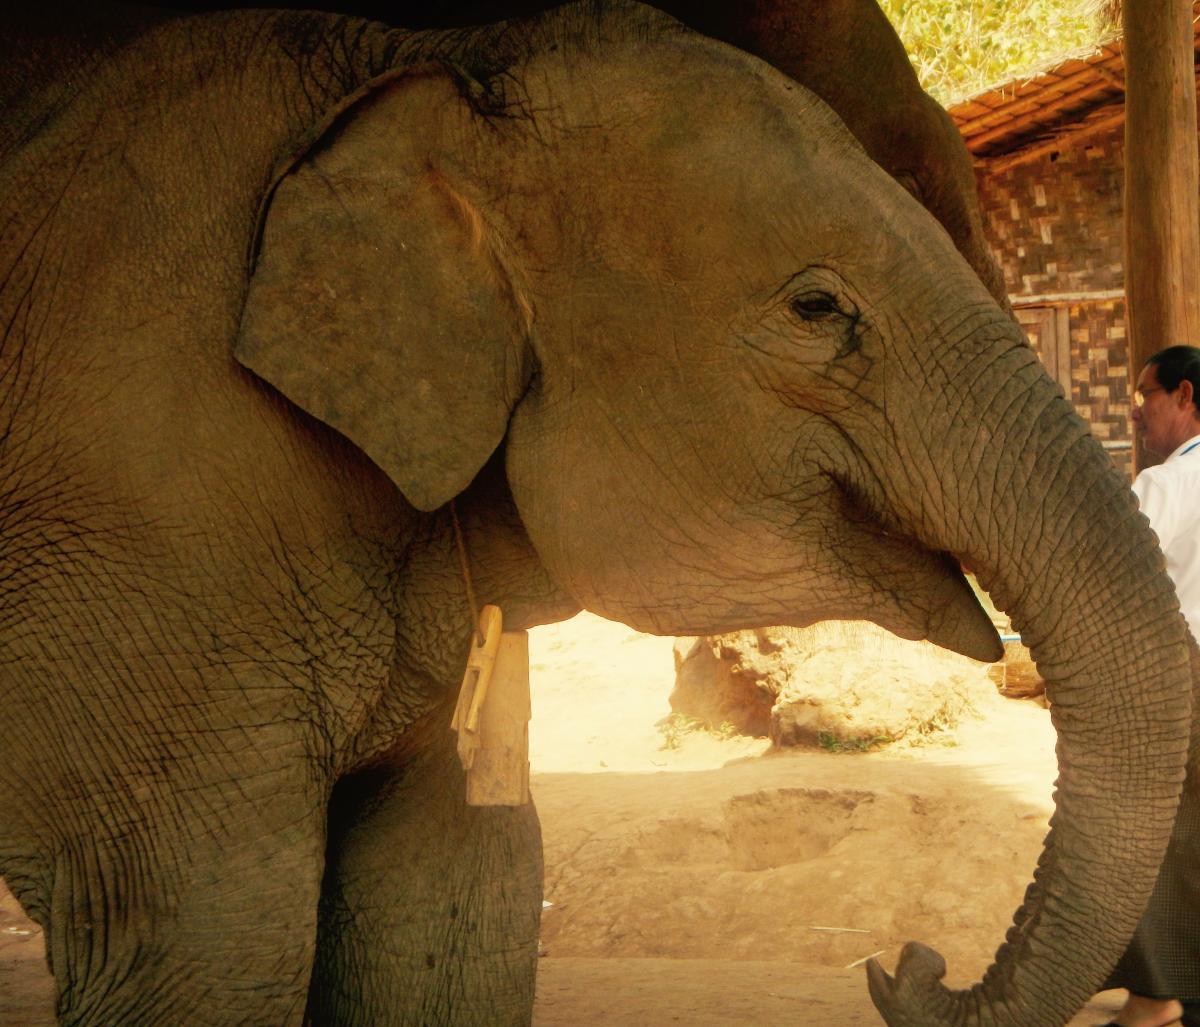 Elephant Indian elephant Proboscidean